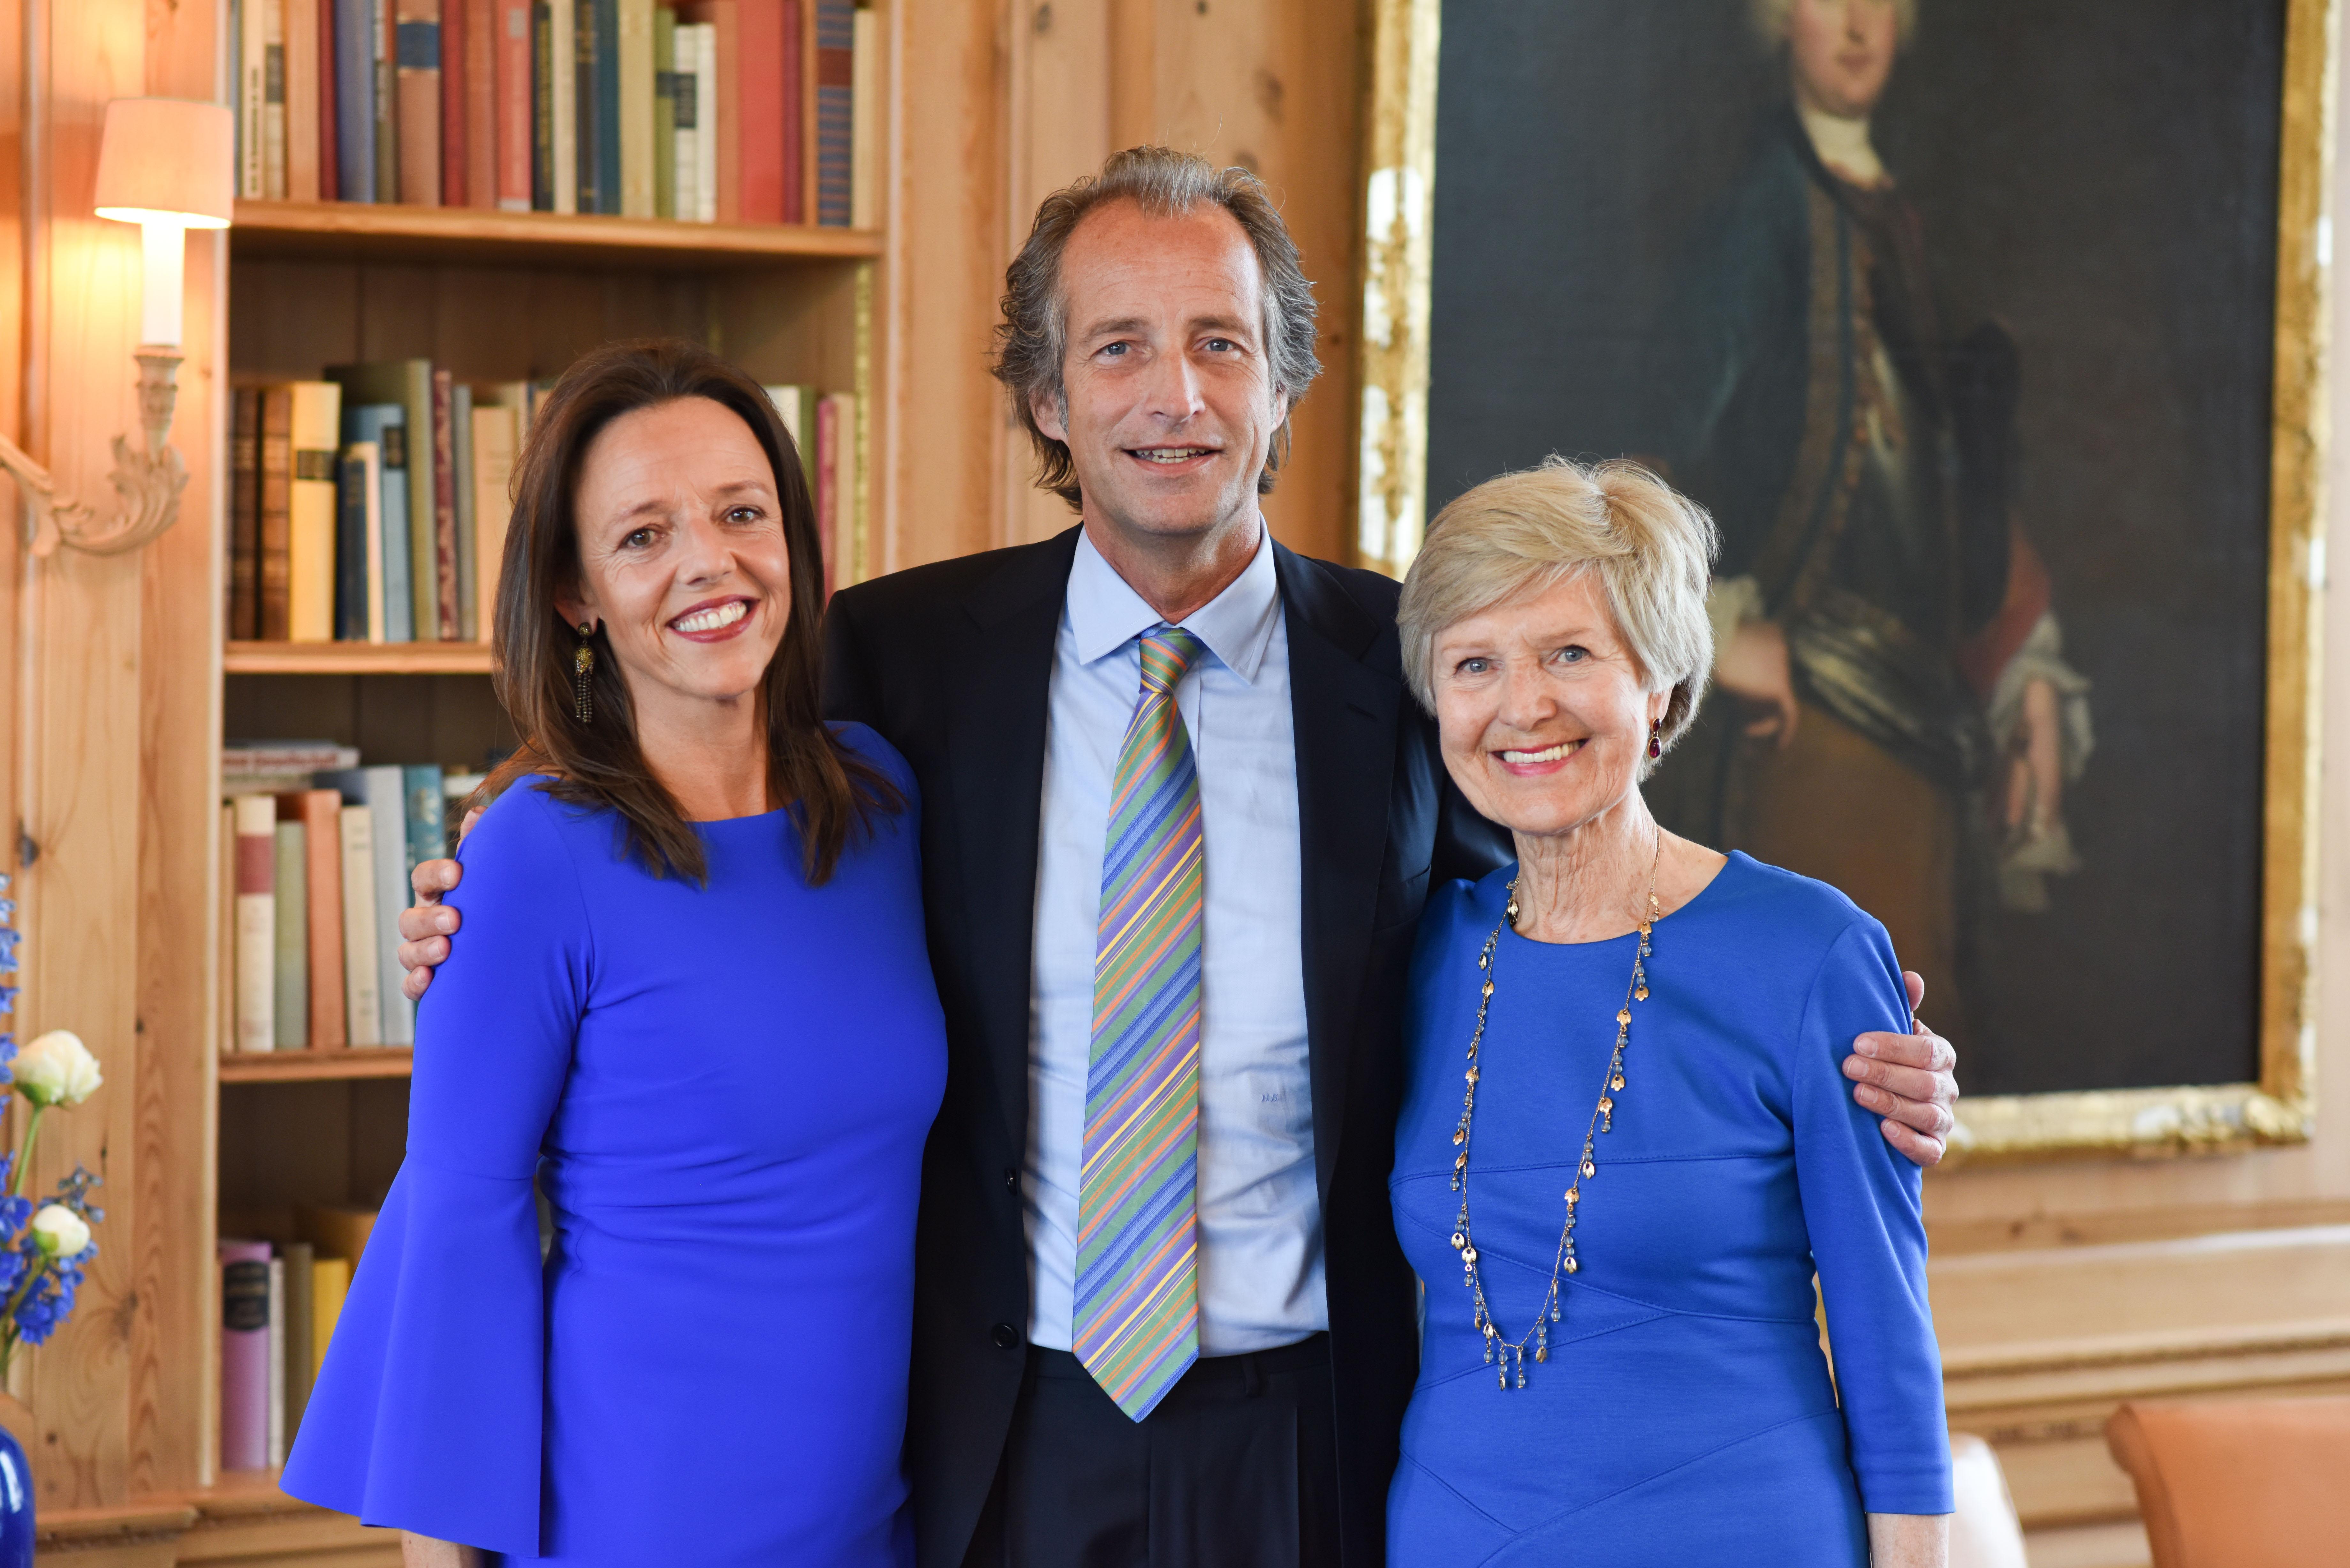 Berlin, 2.5.2017 Verleihung des Axel-Springer Award an Sir Tim Bernes-Lee. Unter den Gästen: Clarissa und Nicolaus Springer mit Verlegerin Friede Springer